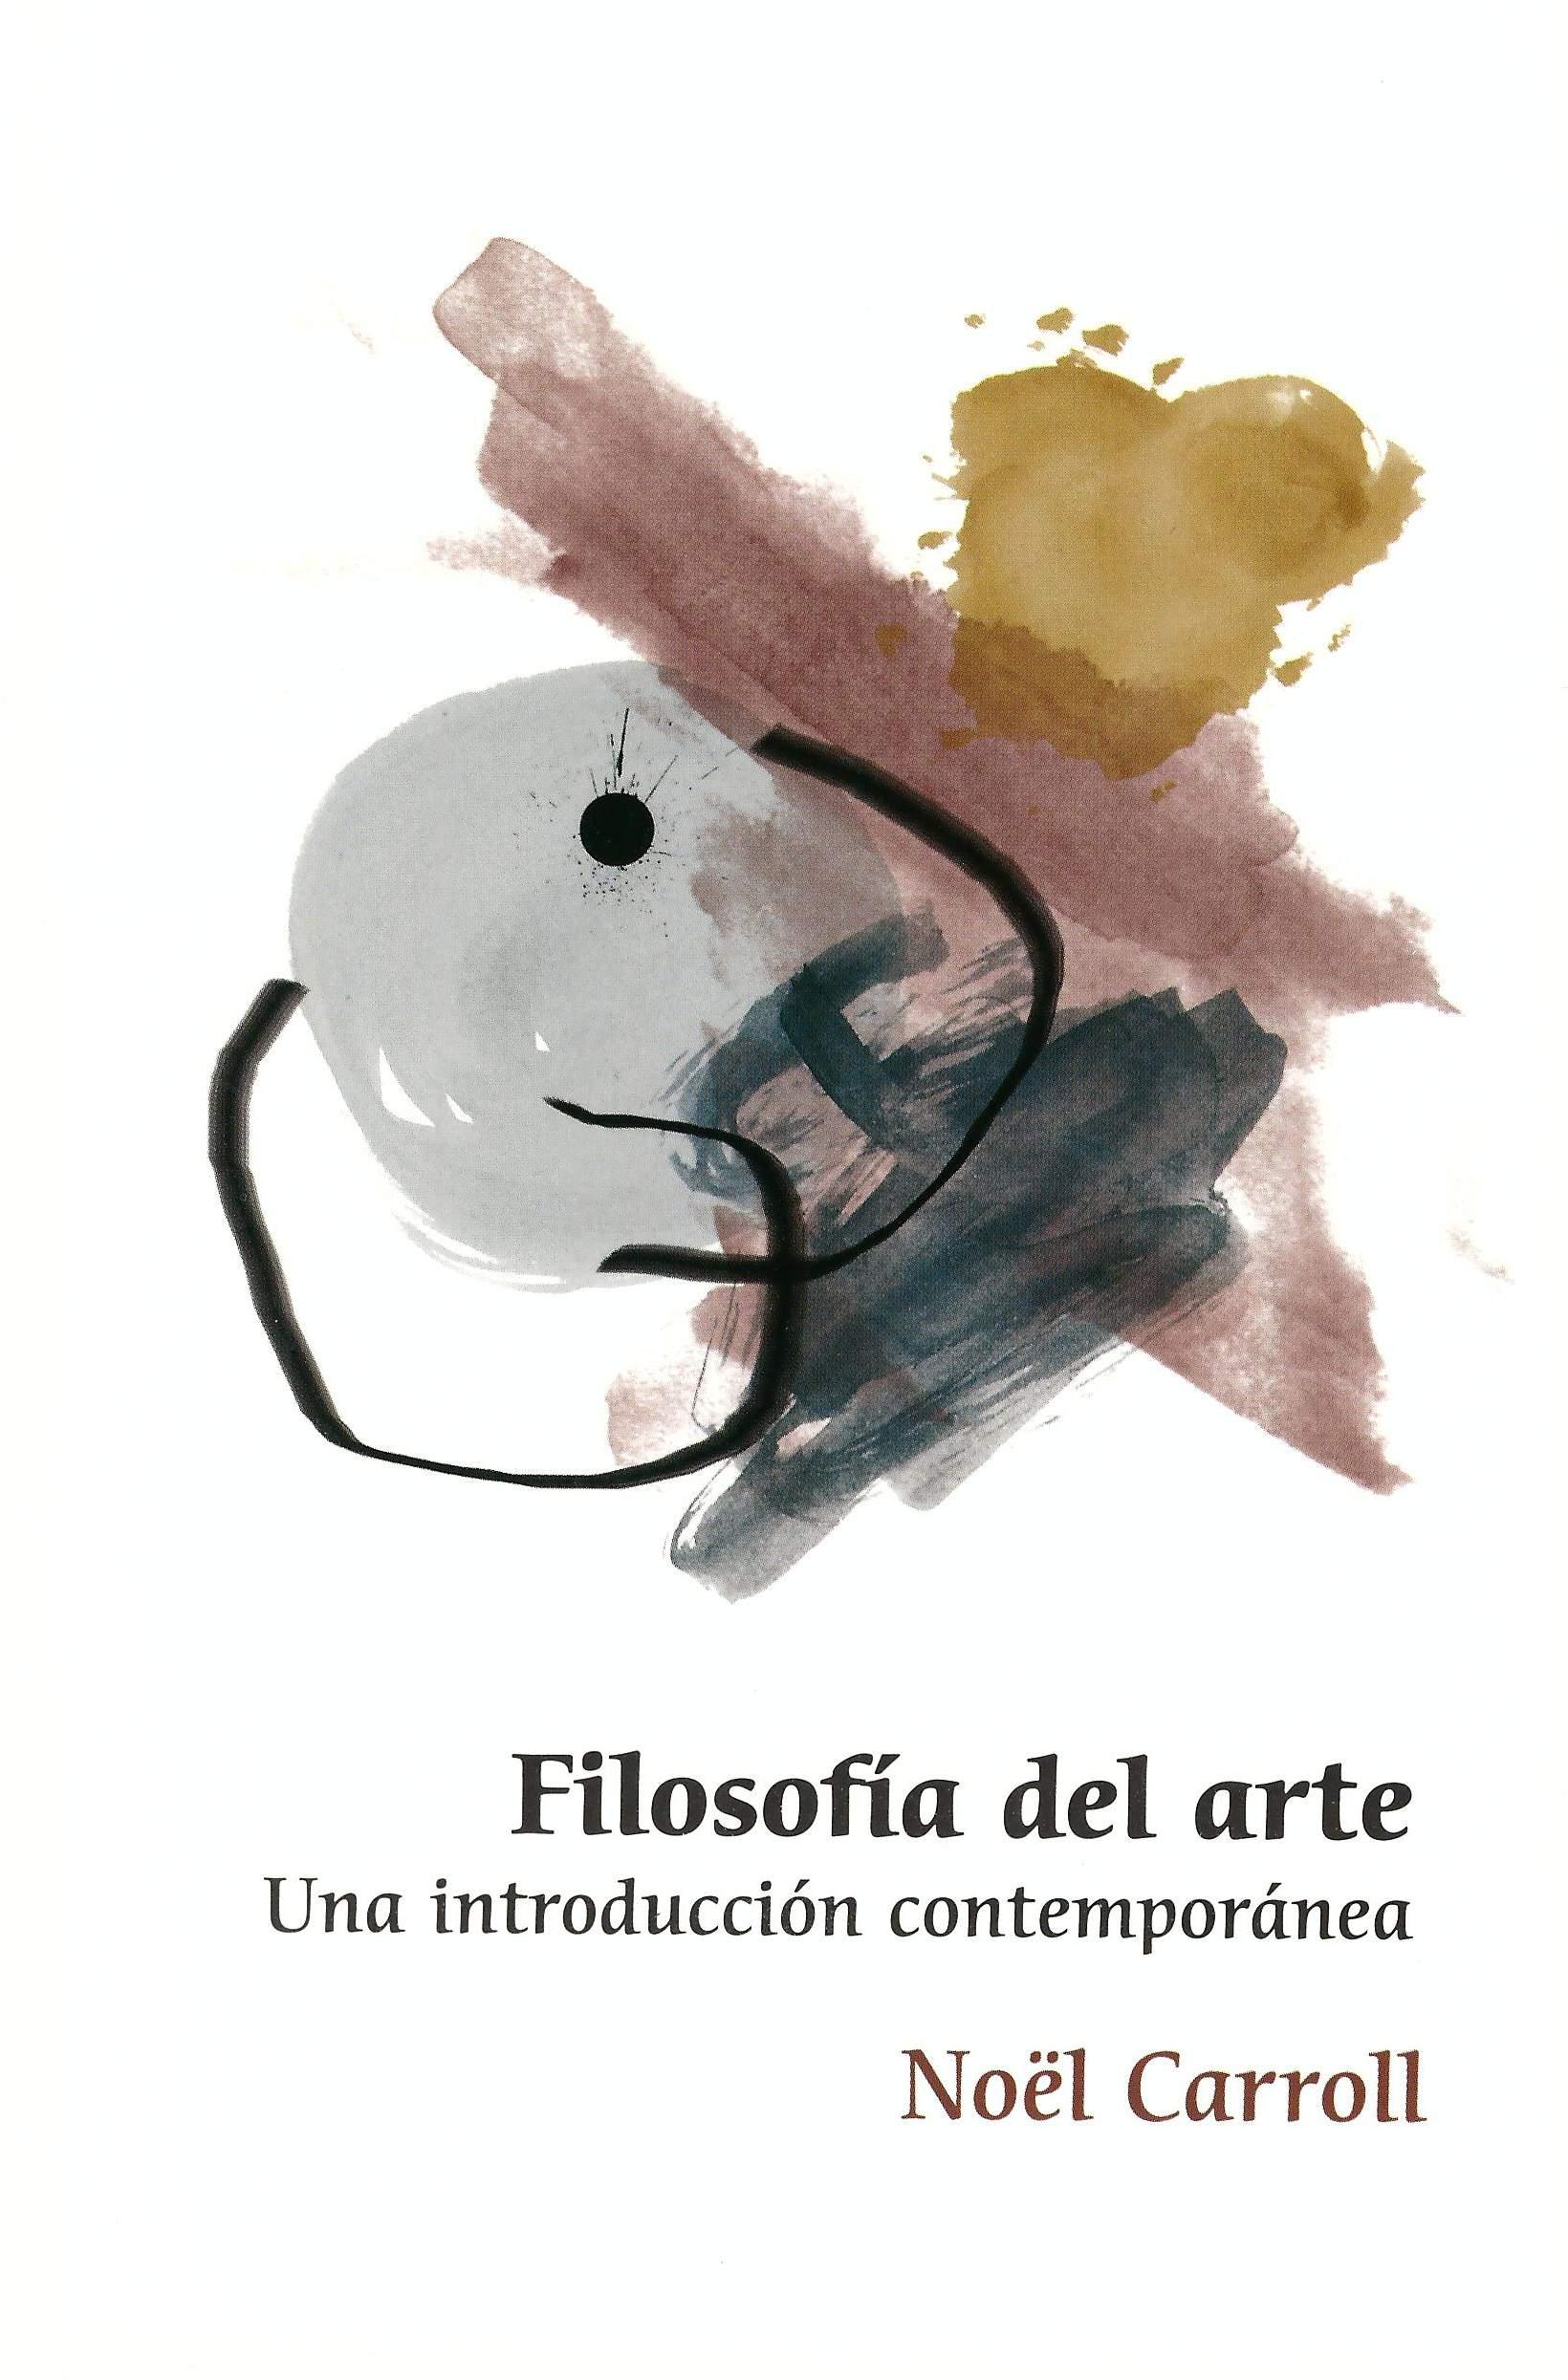 Filosofía del arte: una introducción contemporánea